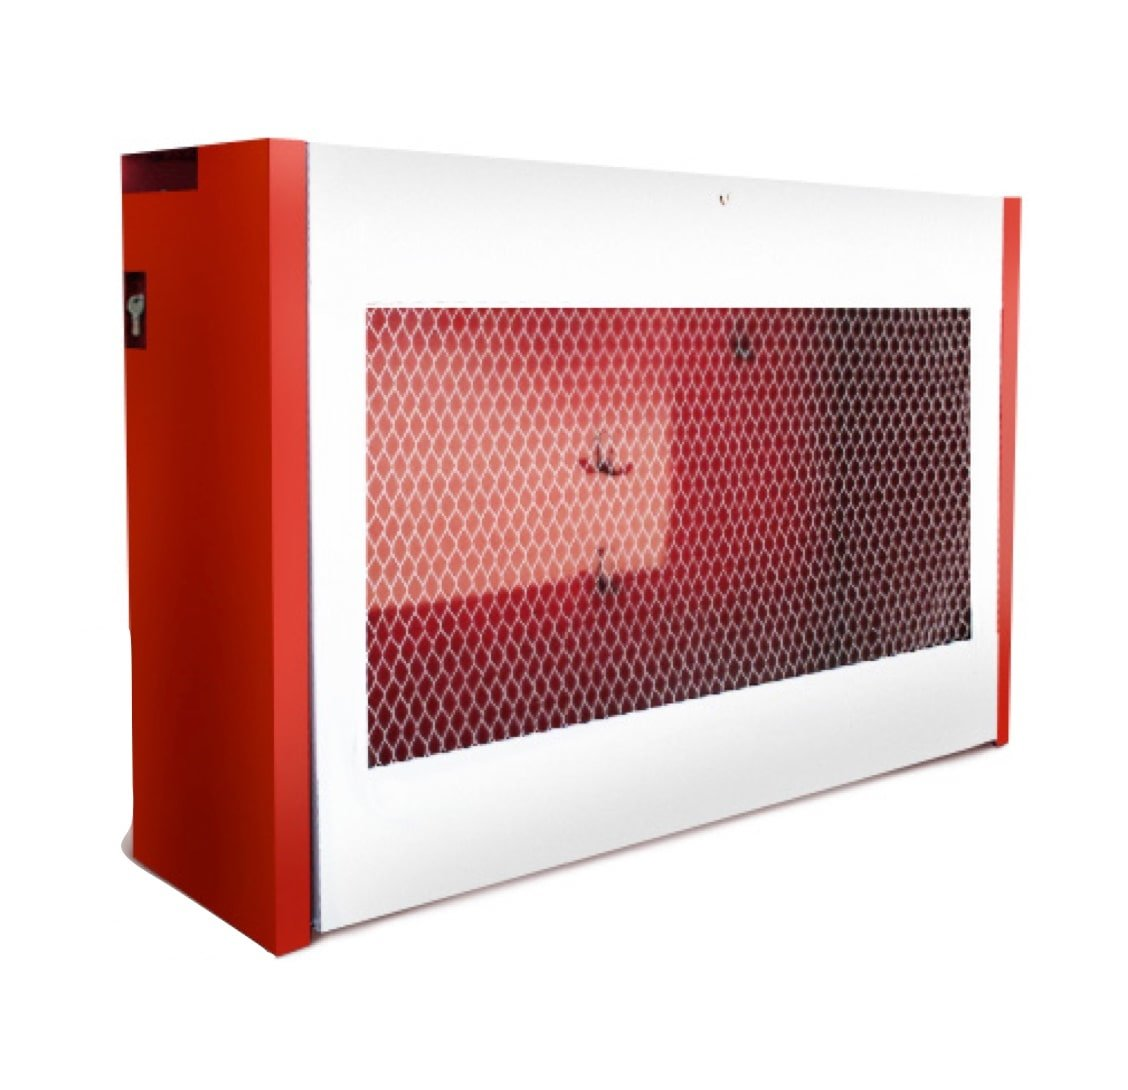 Щит № 3 Пожарный металлический закрытого типа н/укомплект. (1300х540х300) дверь решетка